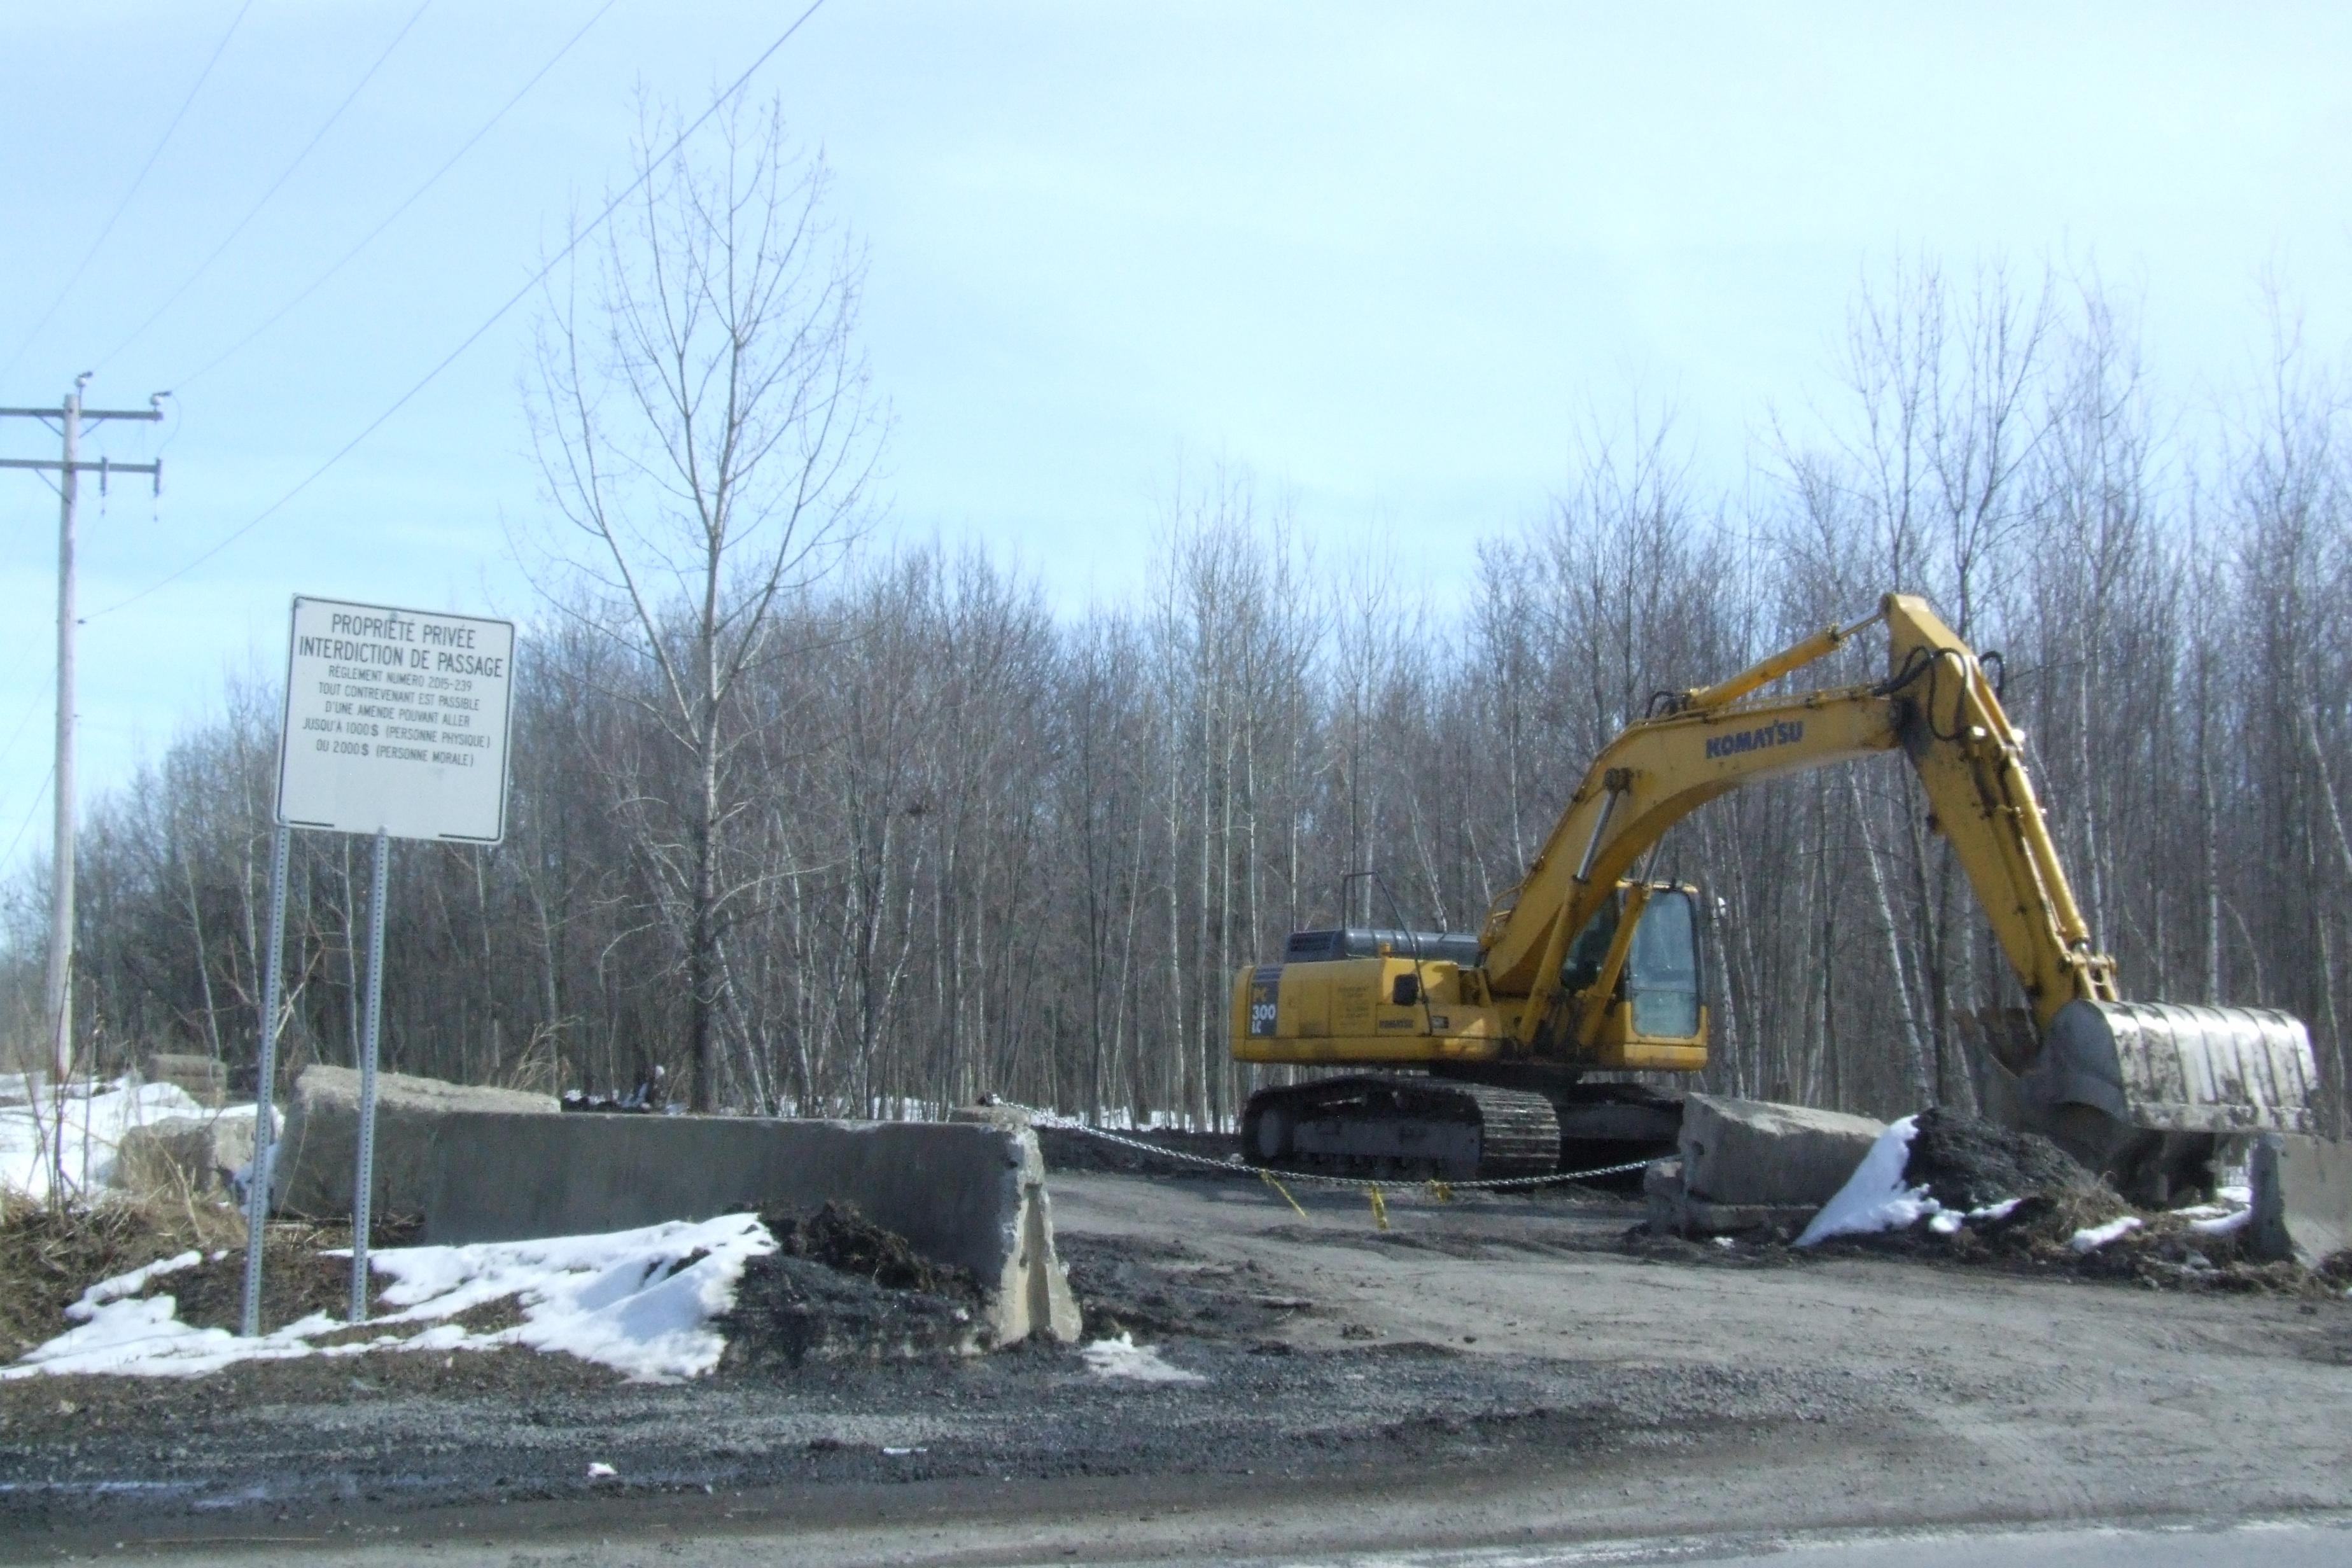 Dossier de la réhabilitation de l'ex-carrière Landreville  – Les camions passeraient pas un chemin alternatif si Québec en accepte l'aménagement